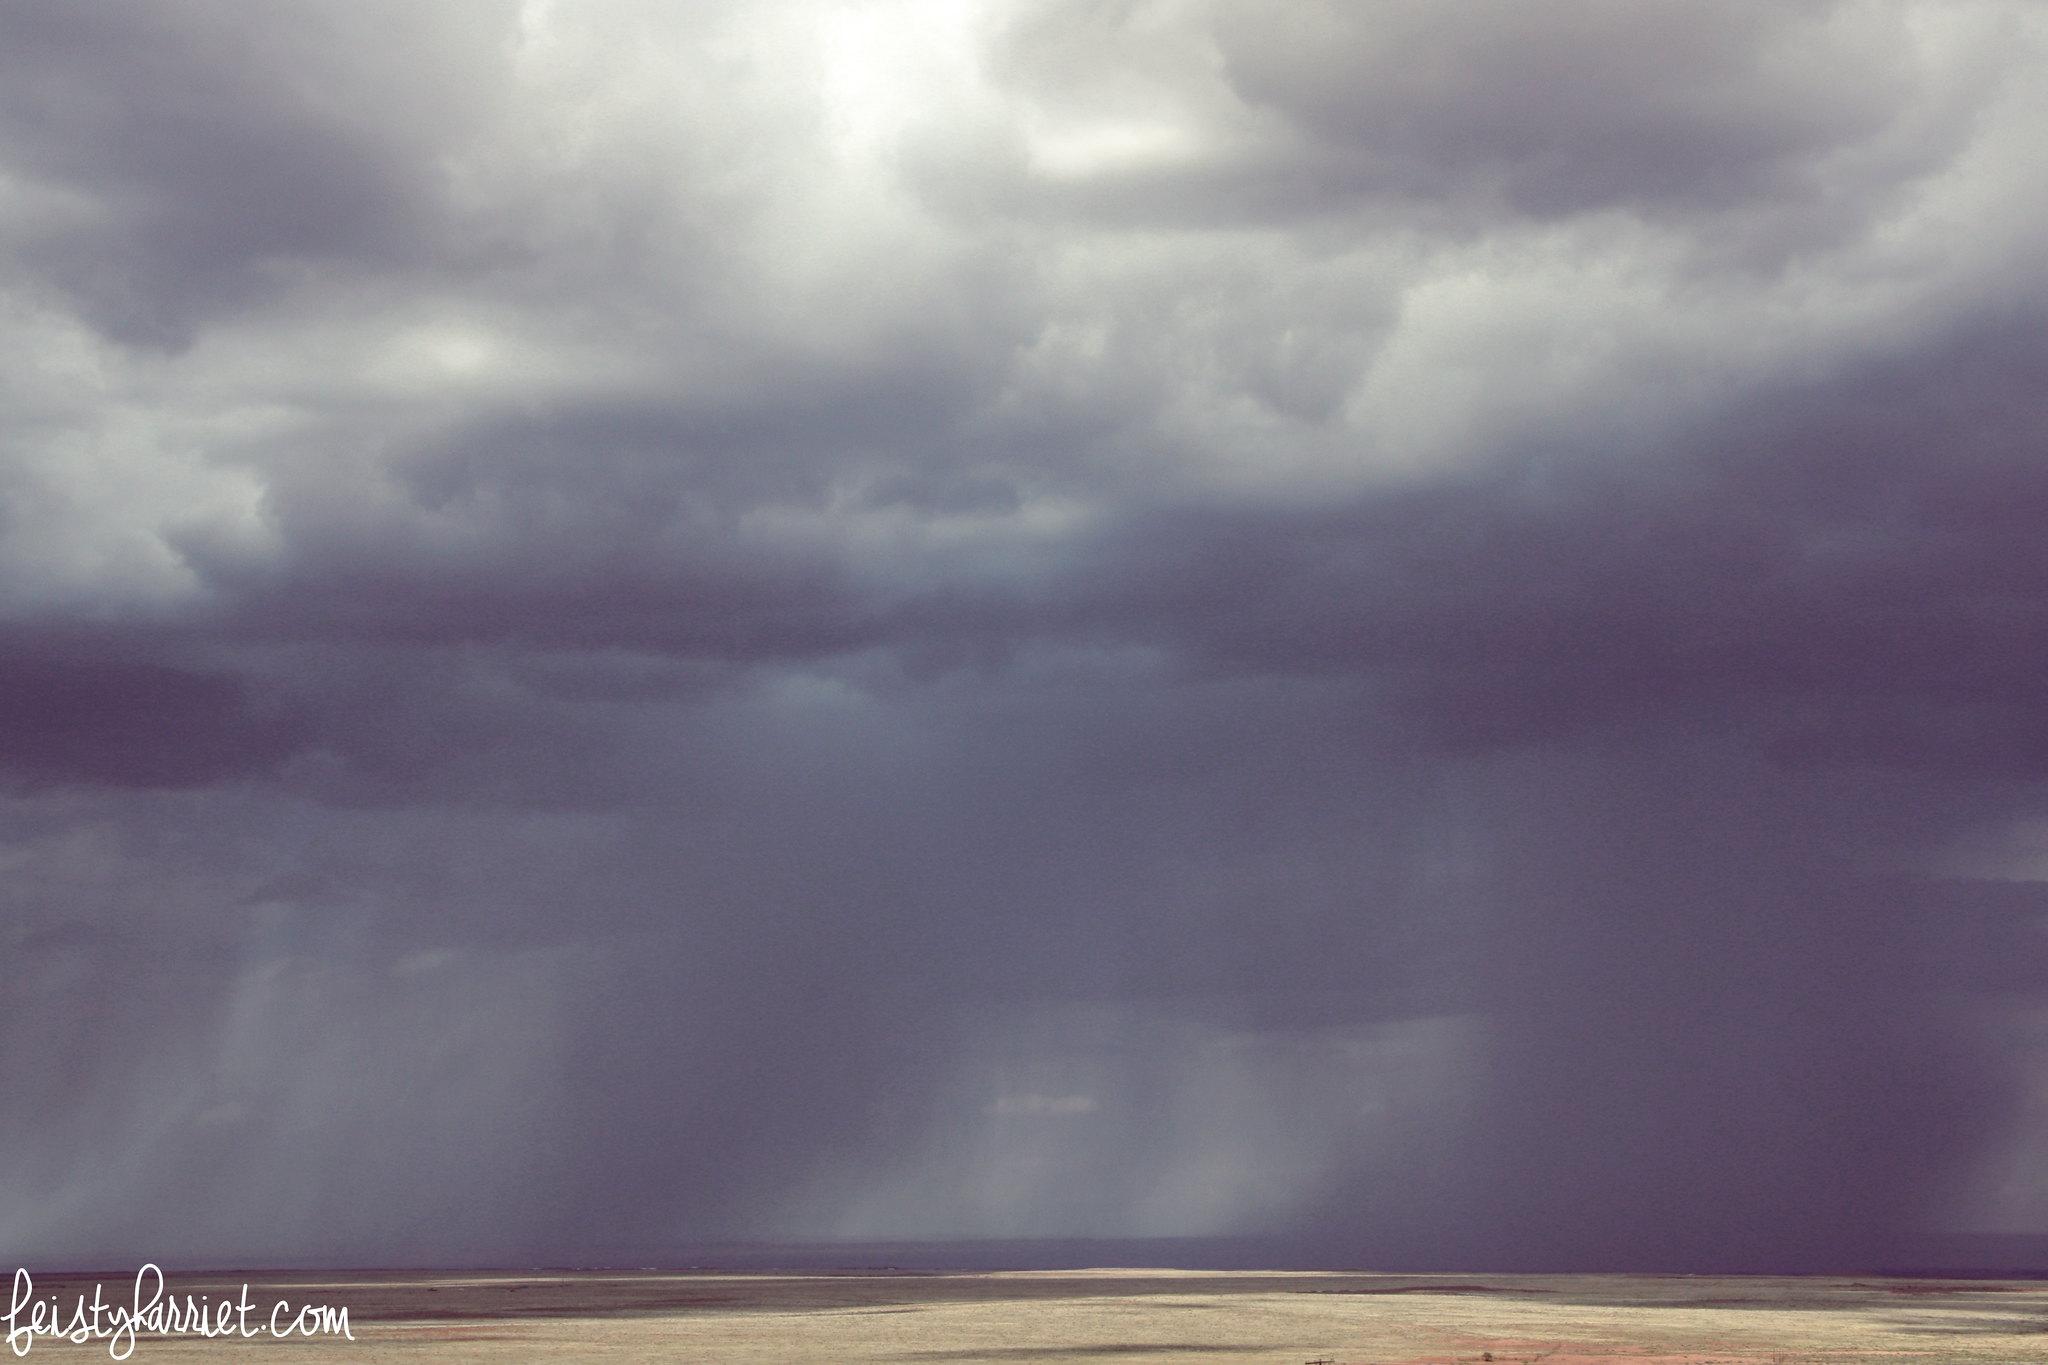 Arizona Meteor Crater_feistyharriet_July 2016 (1)